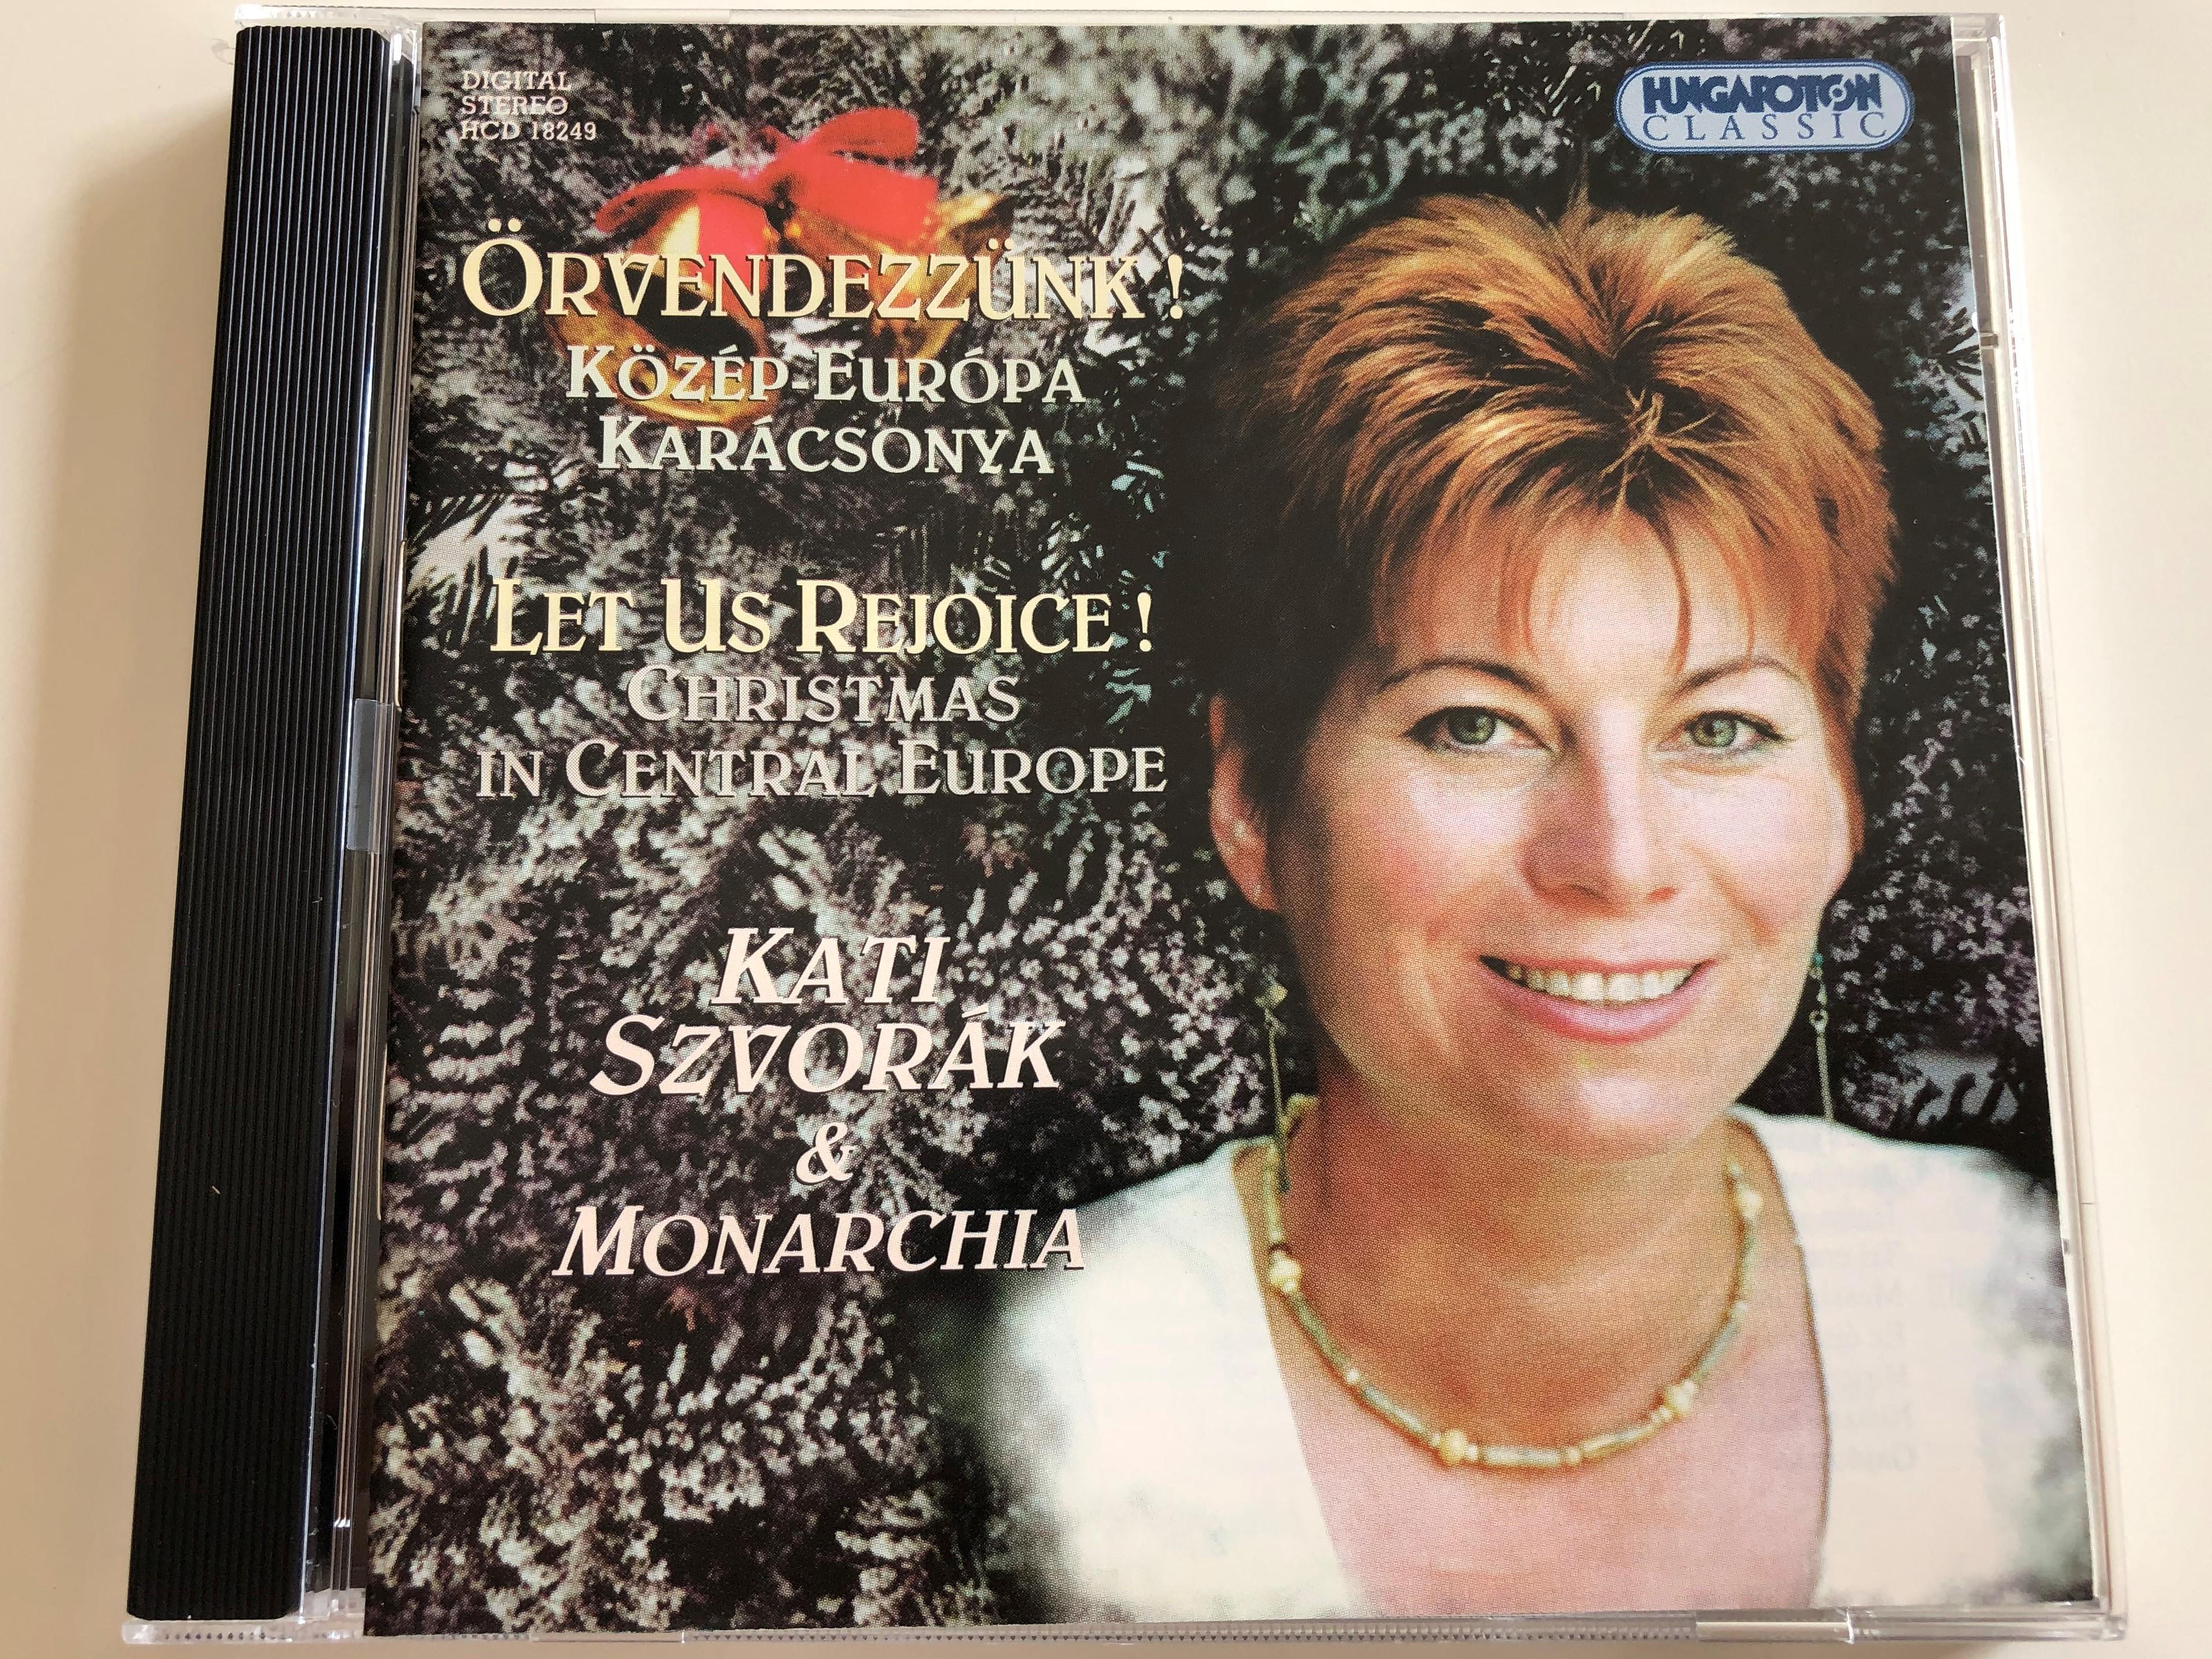 rvendezz-nk-k-z-p-eur-pa-kar-csonya-let-us-rejoice-christmas-in-central-europe-kati-szvor-k-monarchia-hungaroton-classic-audio-cd-2000-hcd-18249-1-.jpg